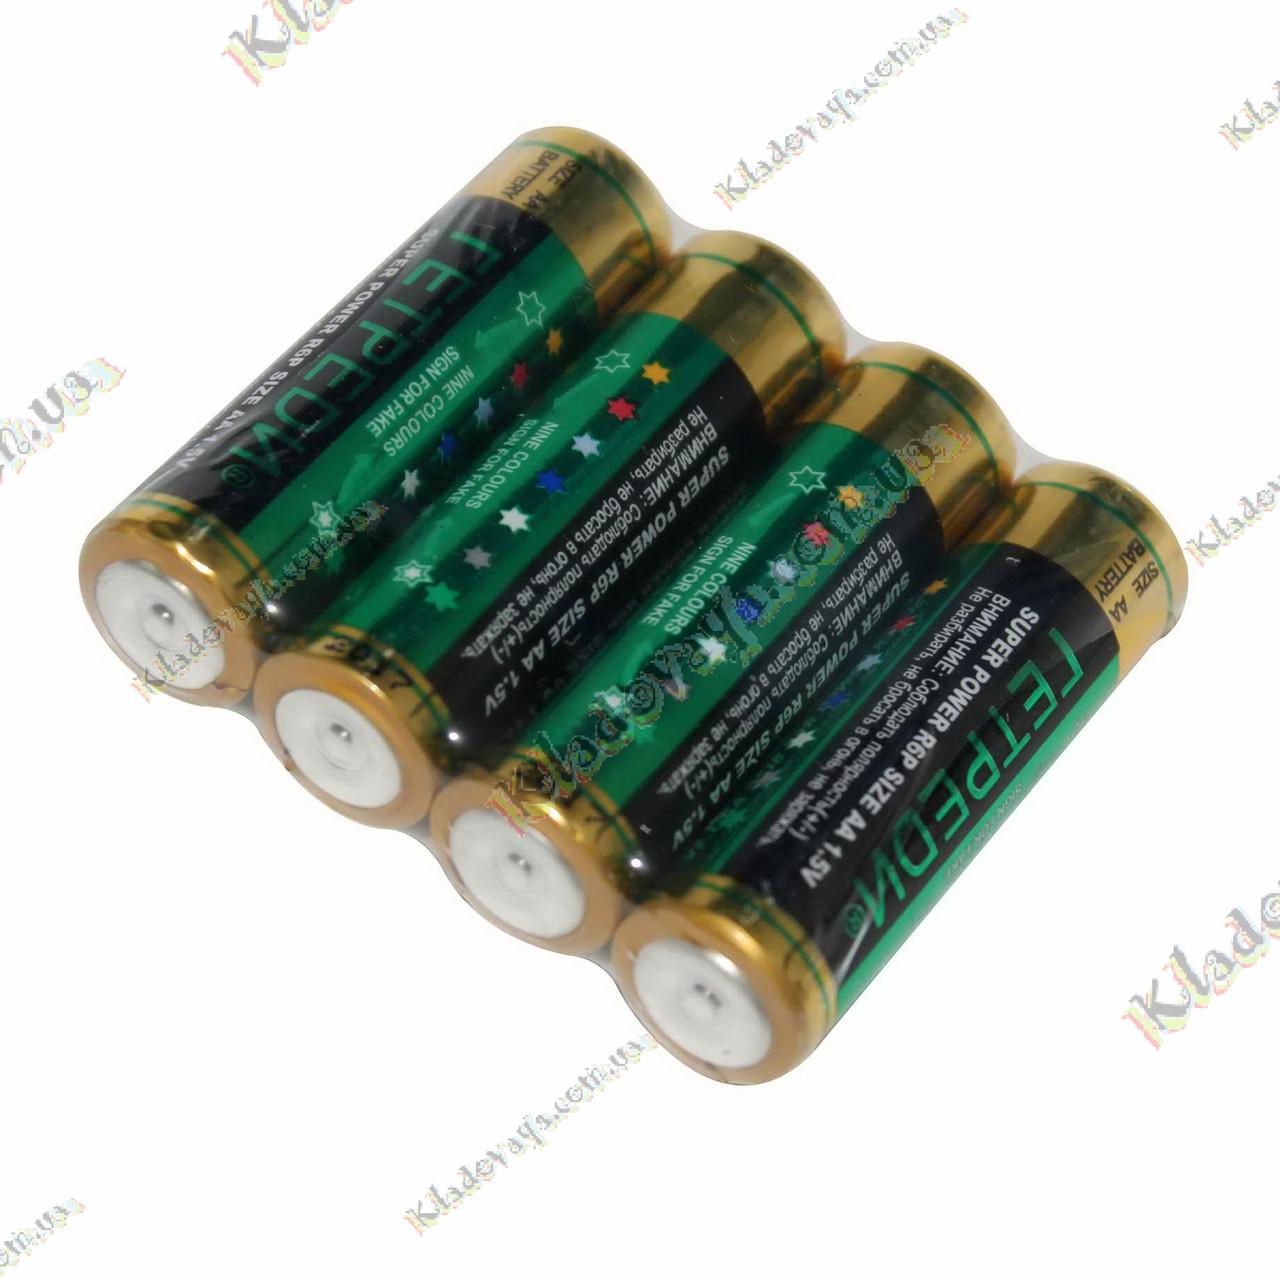 Батарейки АА Getready 40 шт, фото 1